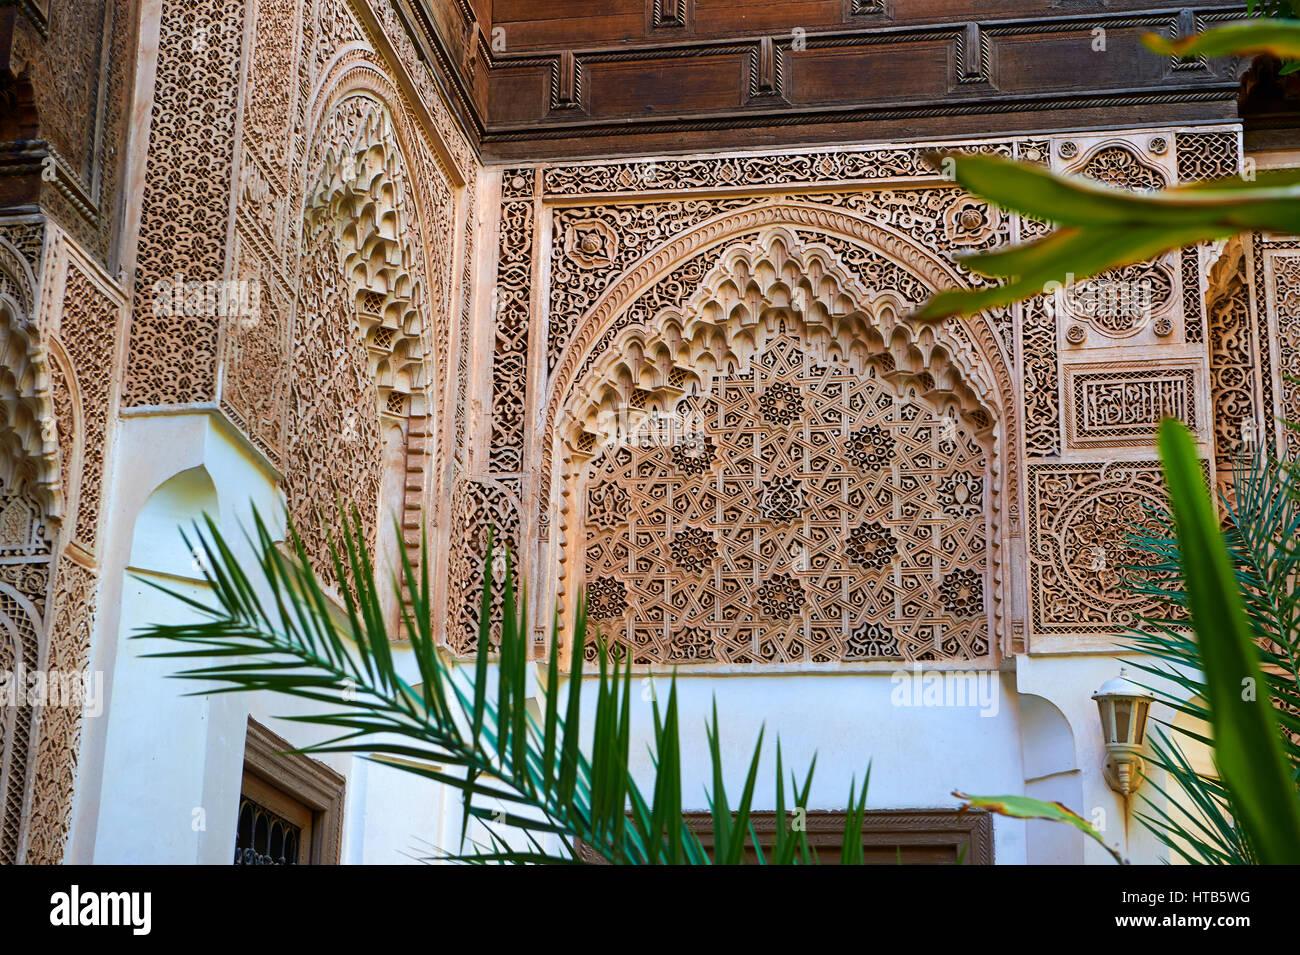 Berber Arabesken Mocarabe und Muqarnas Verputz. Die Petite Gericht, Bahia-Palast, Marrakesch, Marokko Stockbild